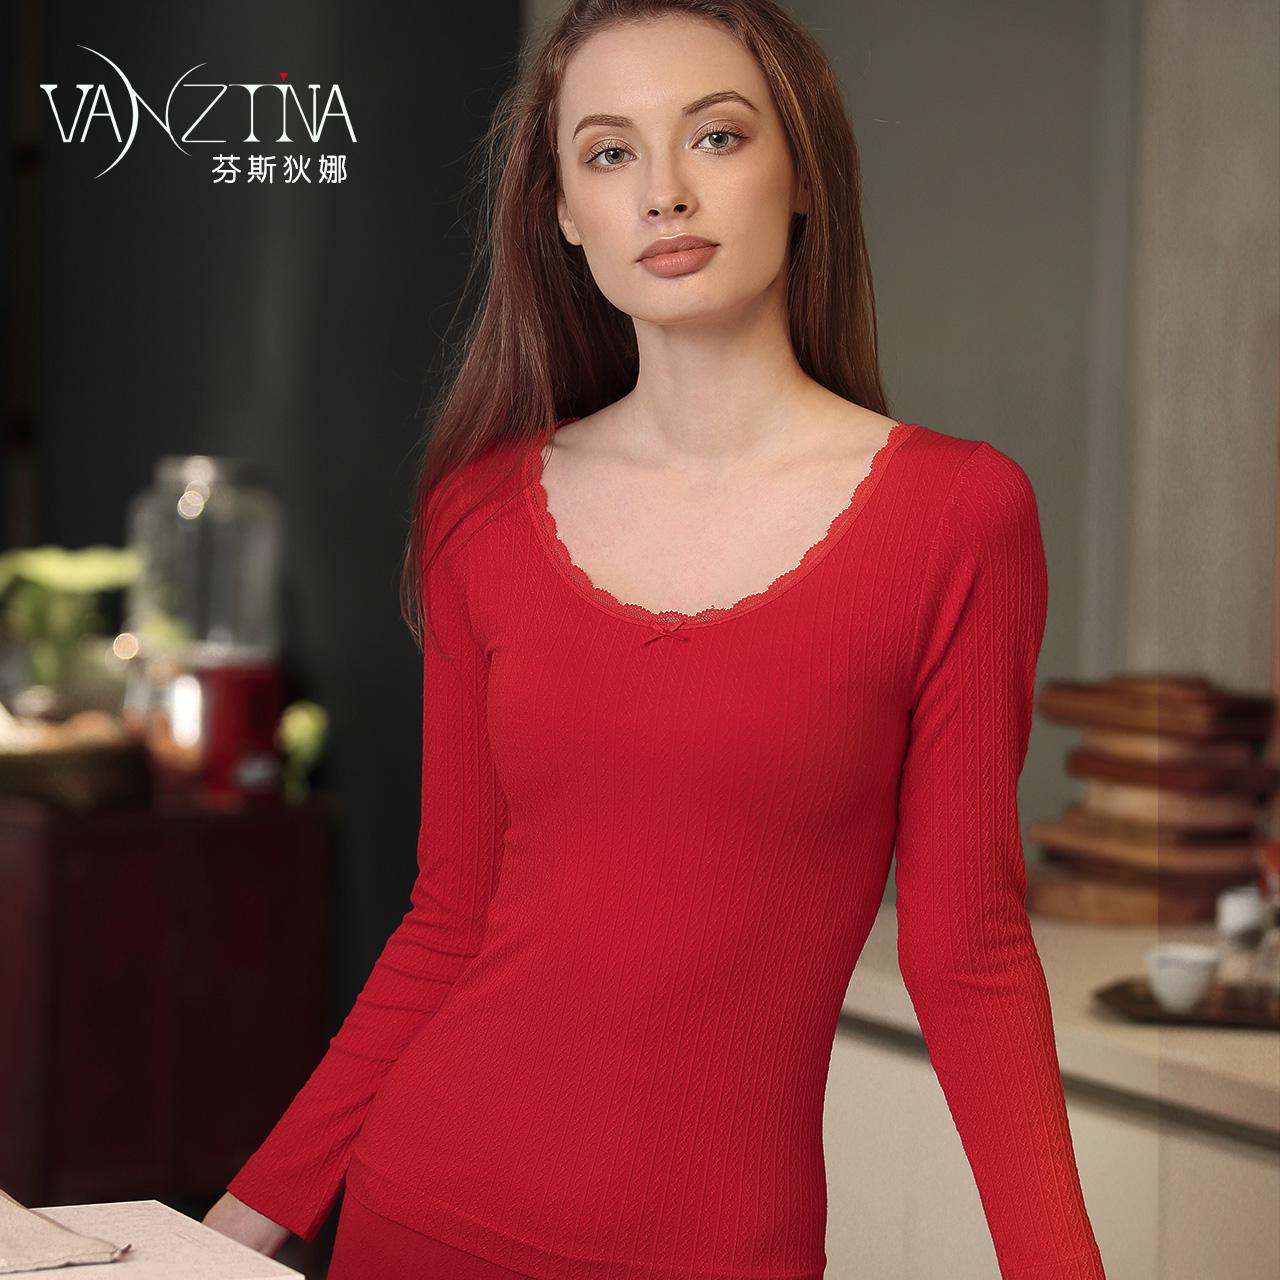 券后129.00元芬斯狄娜秋衣秋裤女保暖内衣套装 本命年纯红色修身圆领打底衫